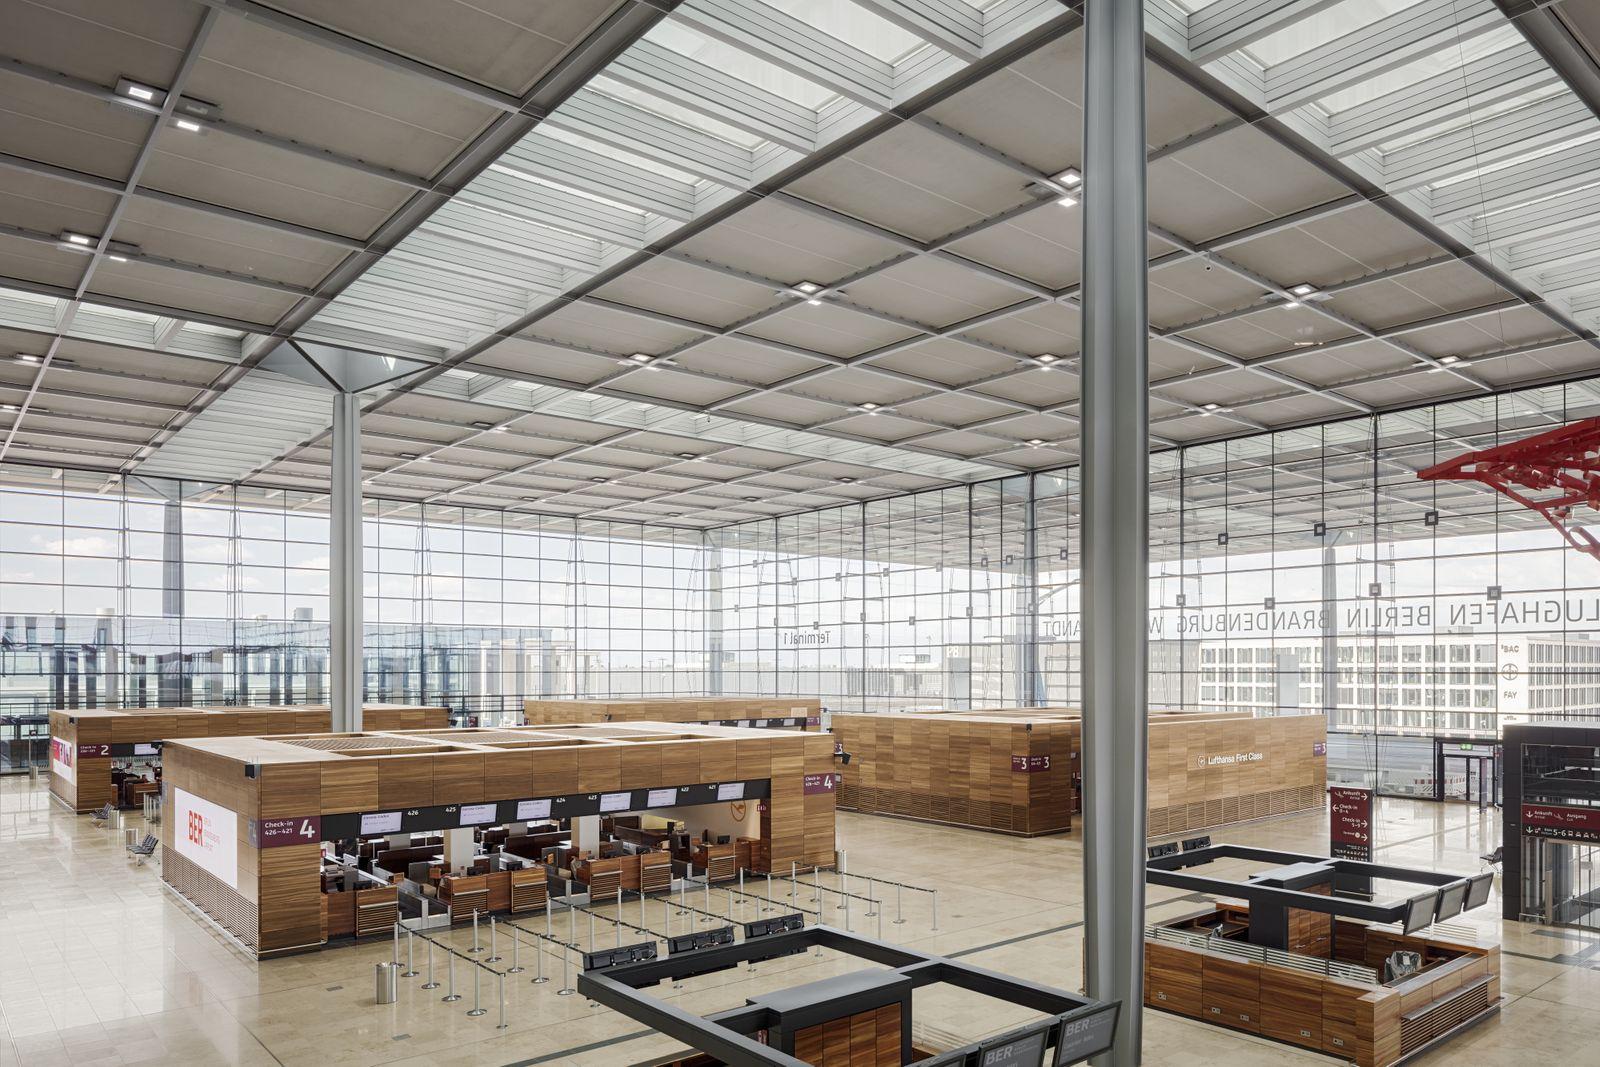 Flughafen Berlin Brandenburg, Willy Brandt (BER)